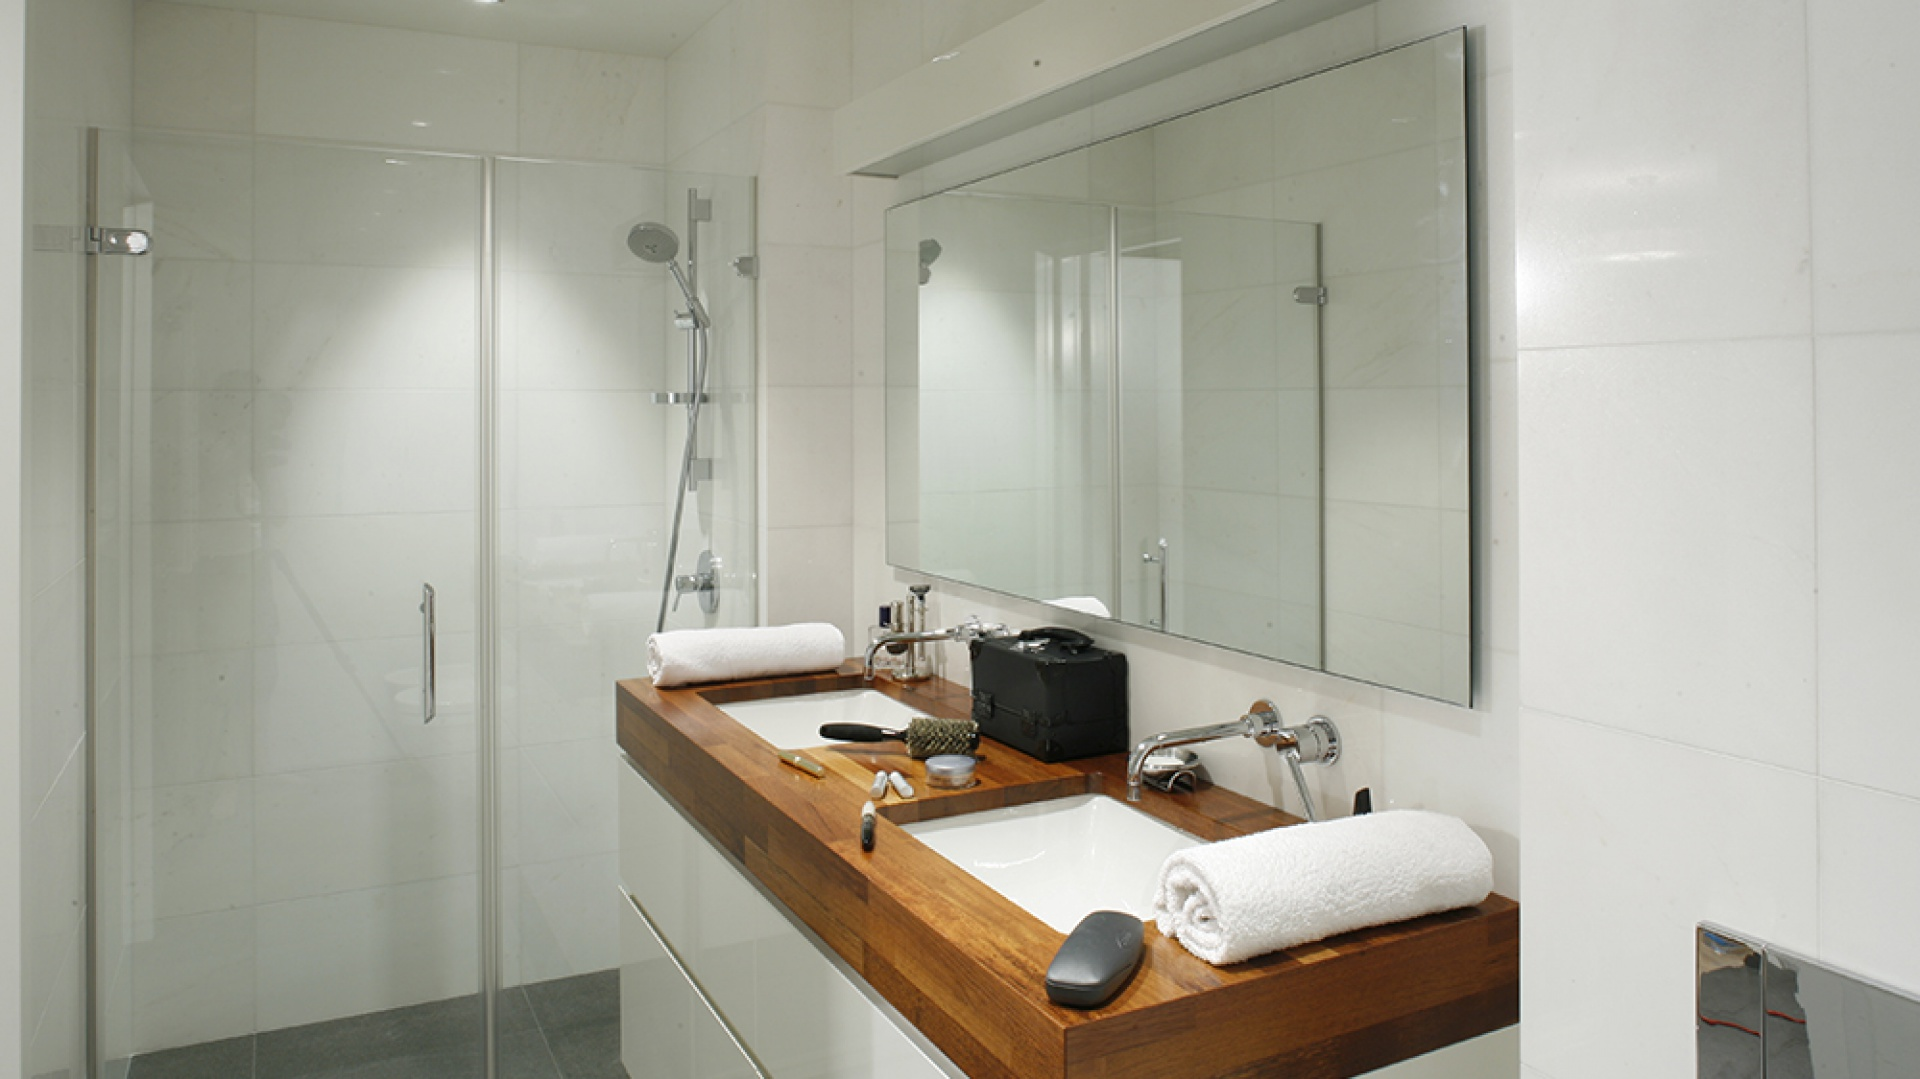 Zwężenie w głębi pomieszczenia wykorzystano jako miejsce na prysznic. Wnęka została przesłonięta taflami szkła w postaci drzwi wahadłowych i  jednej ścianki stałej (szer. wejścia 70 cm). Armatura prysznicowa z oferty firmy Zucchetti. Fot. Monika Filipiuk-Obałek.